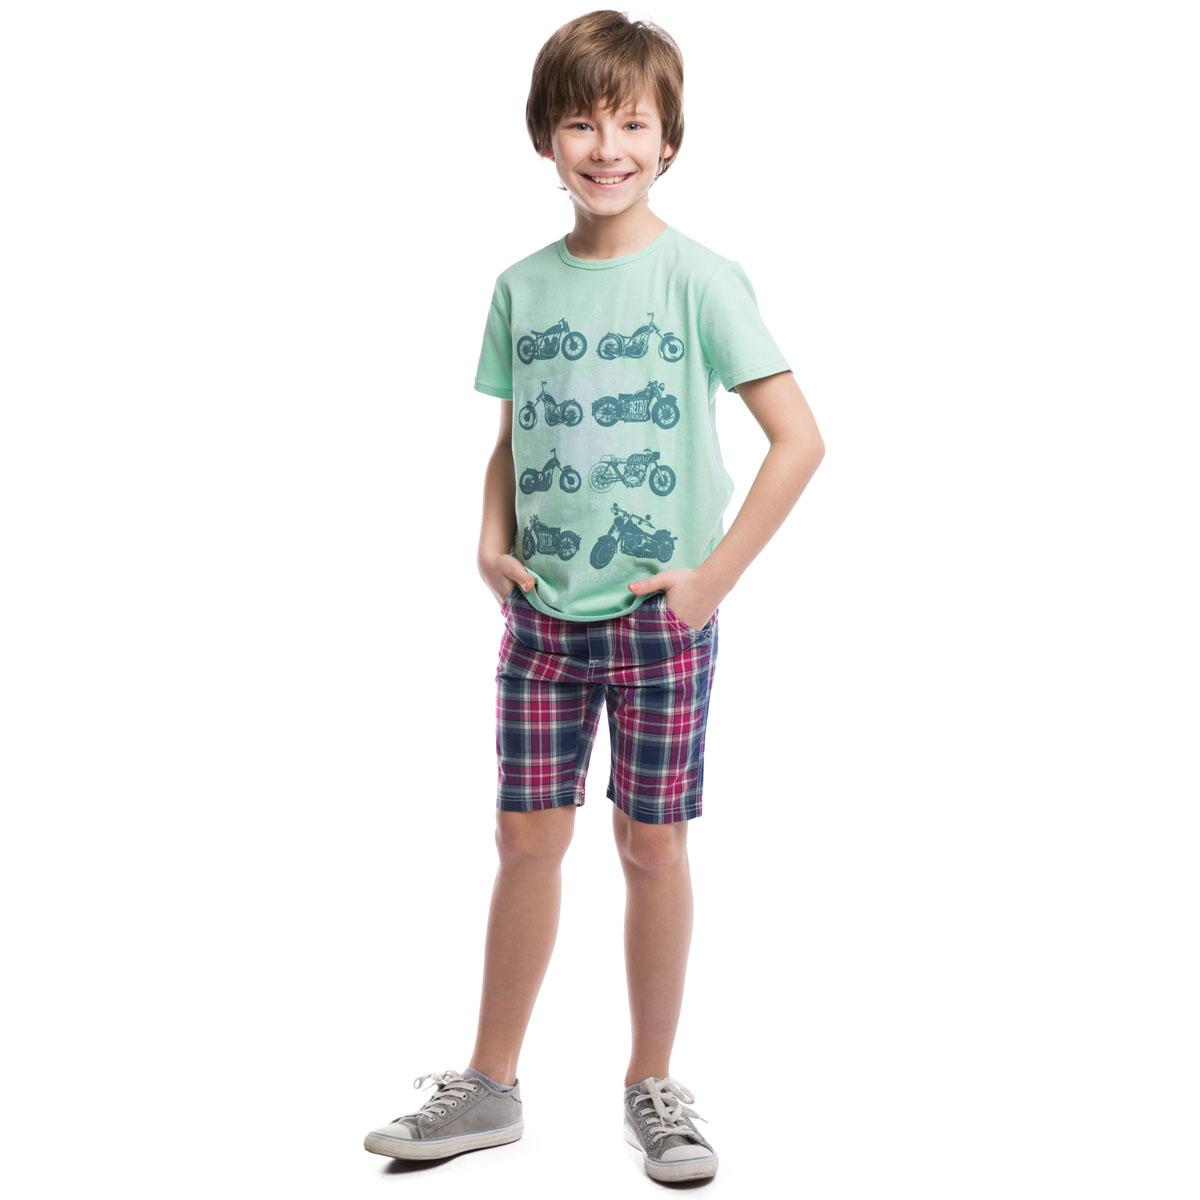 Футболка263009Стильная хлопковая футболка с короткими рукавами и трикотажной резинкой на воротнике. Модель приятного цвета оформлена стильным принтом с изображением мотоциклов.